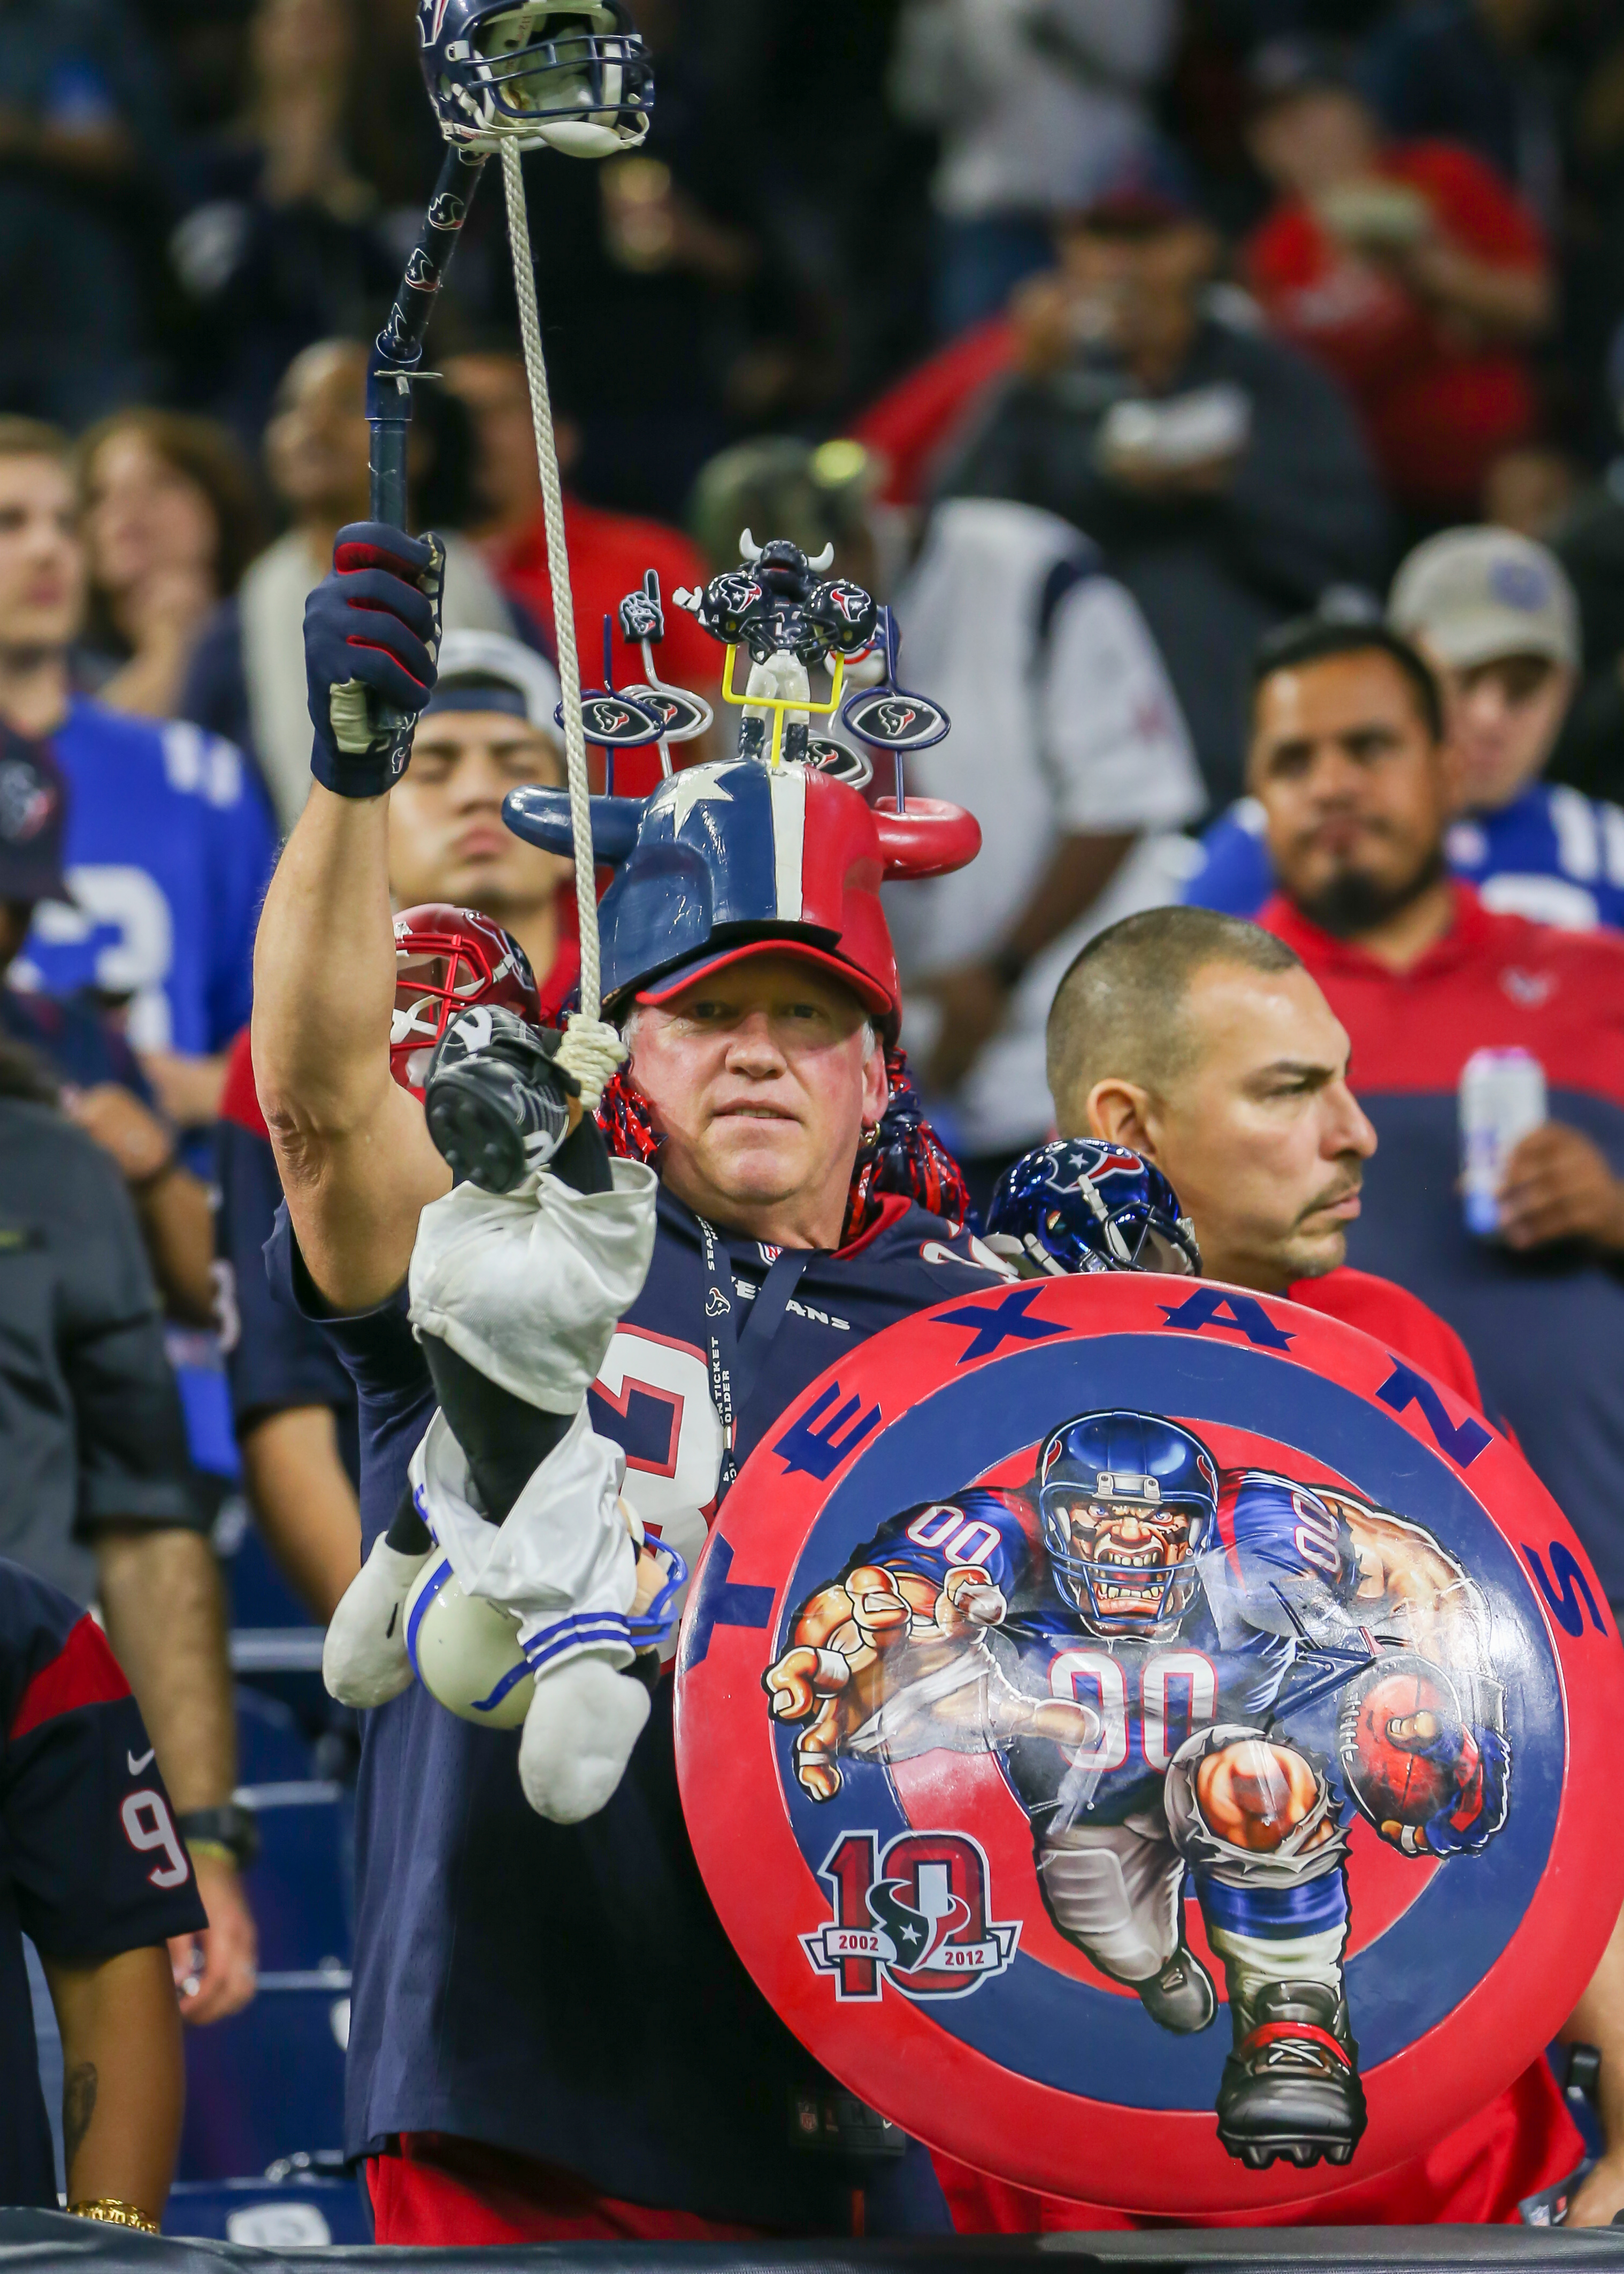 NFL: NOV 21 Colts at Texans